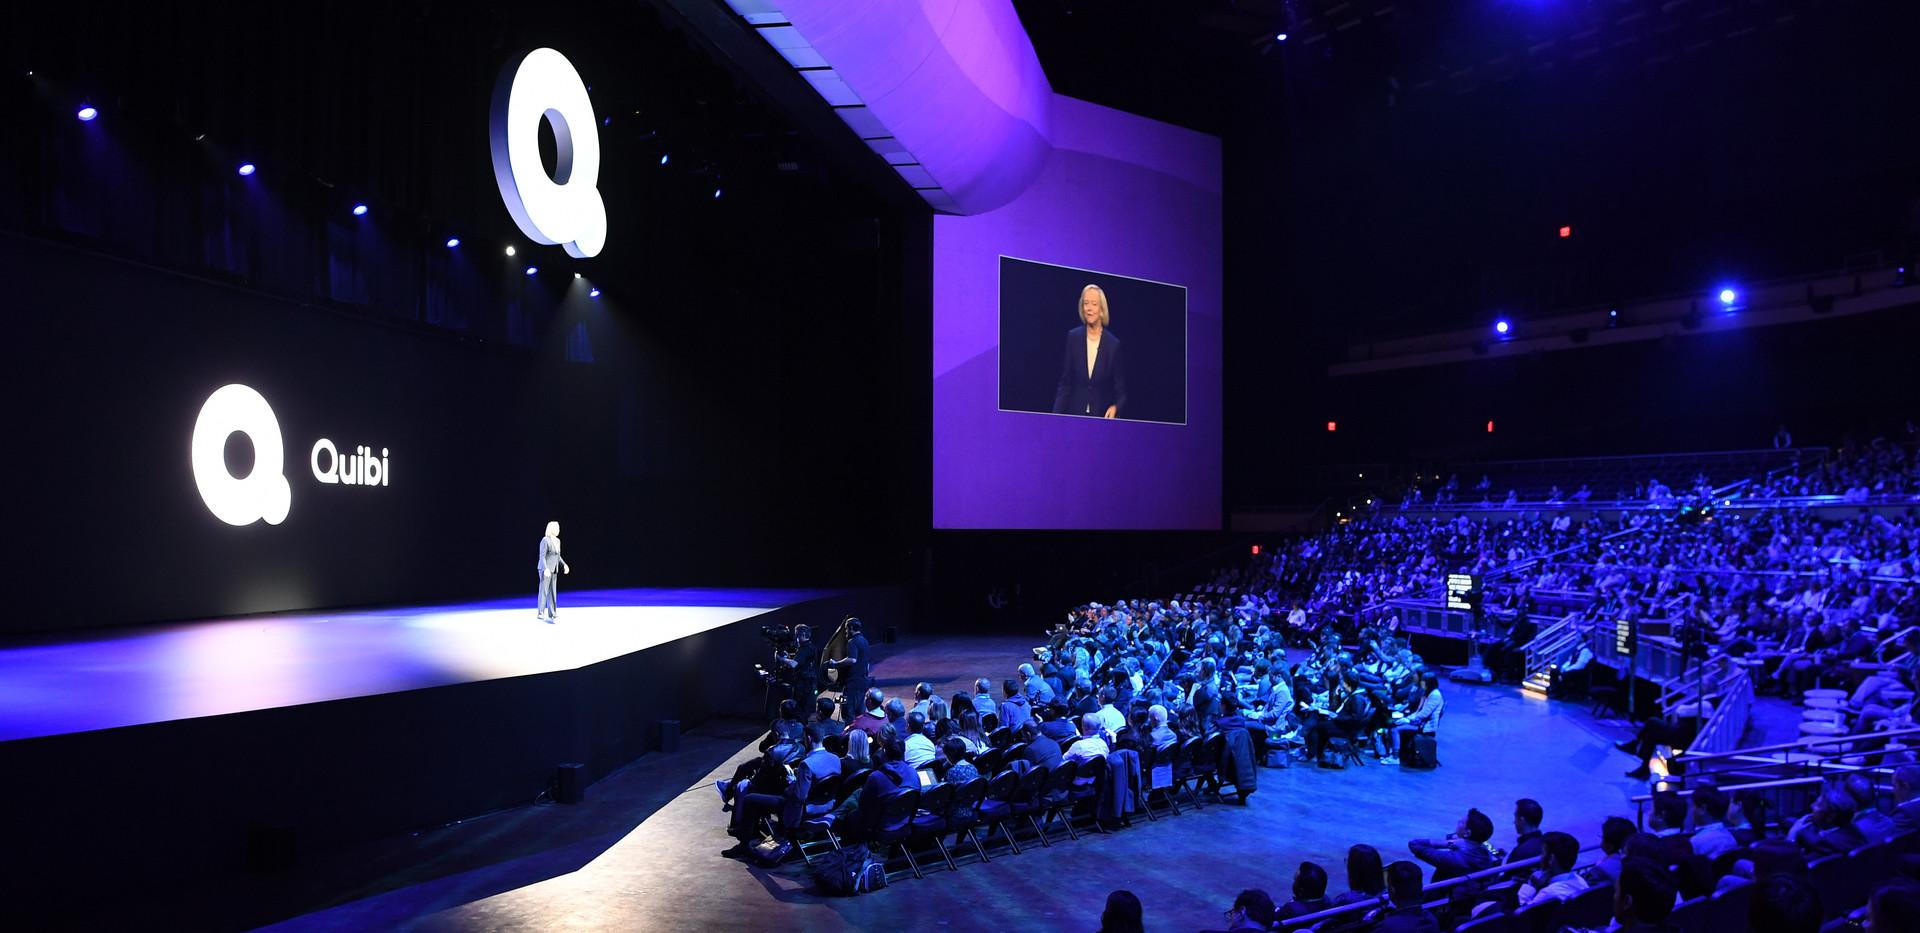 Quibi CES Keynote 2020